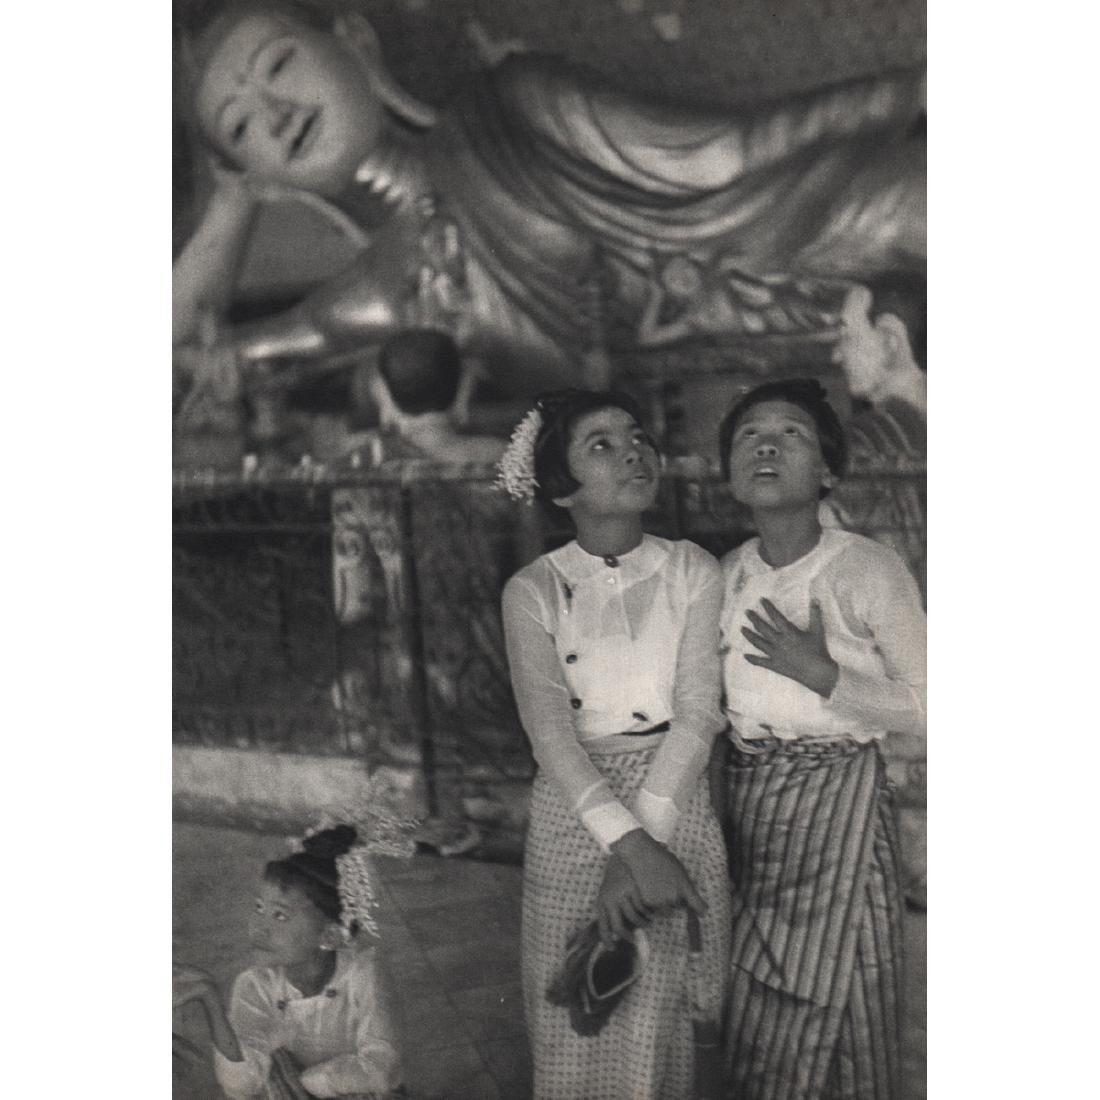 HENRI CARTIER-BRESSON - Rangoon, Burma 1948